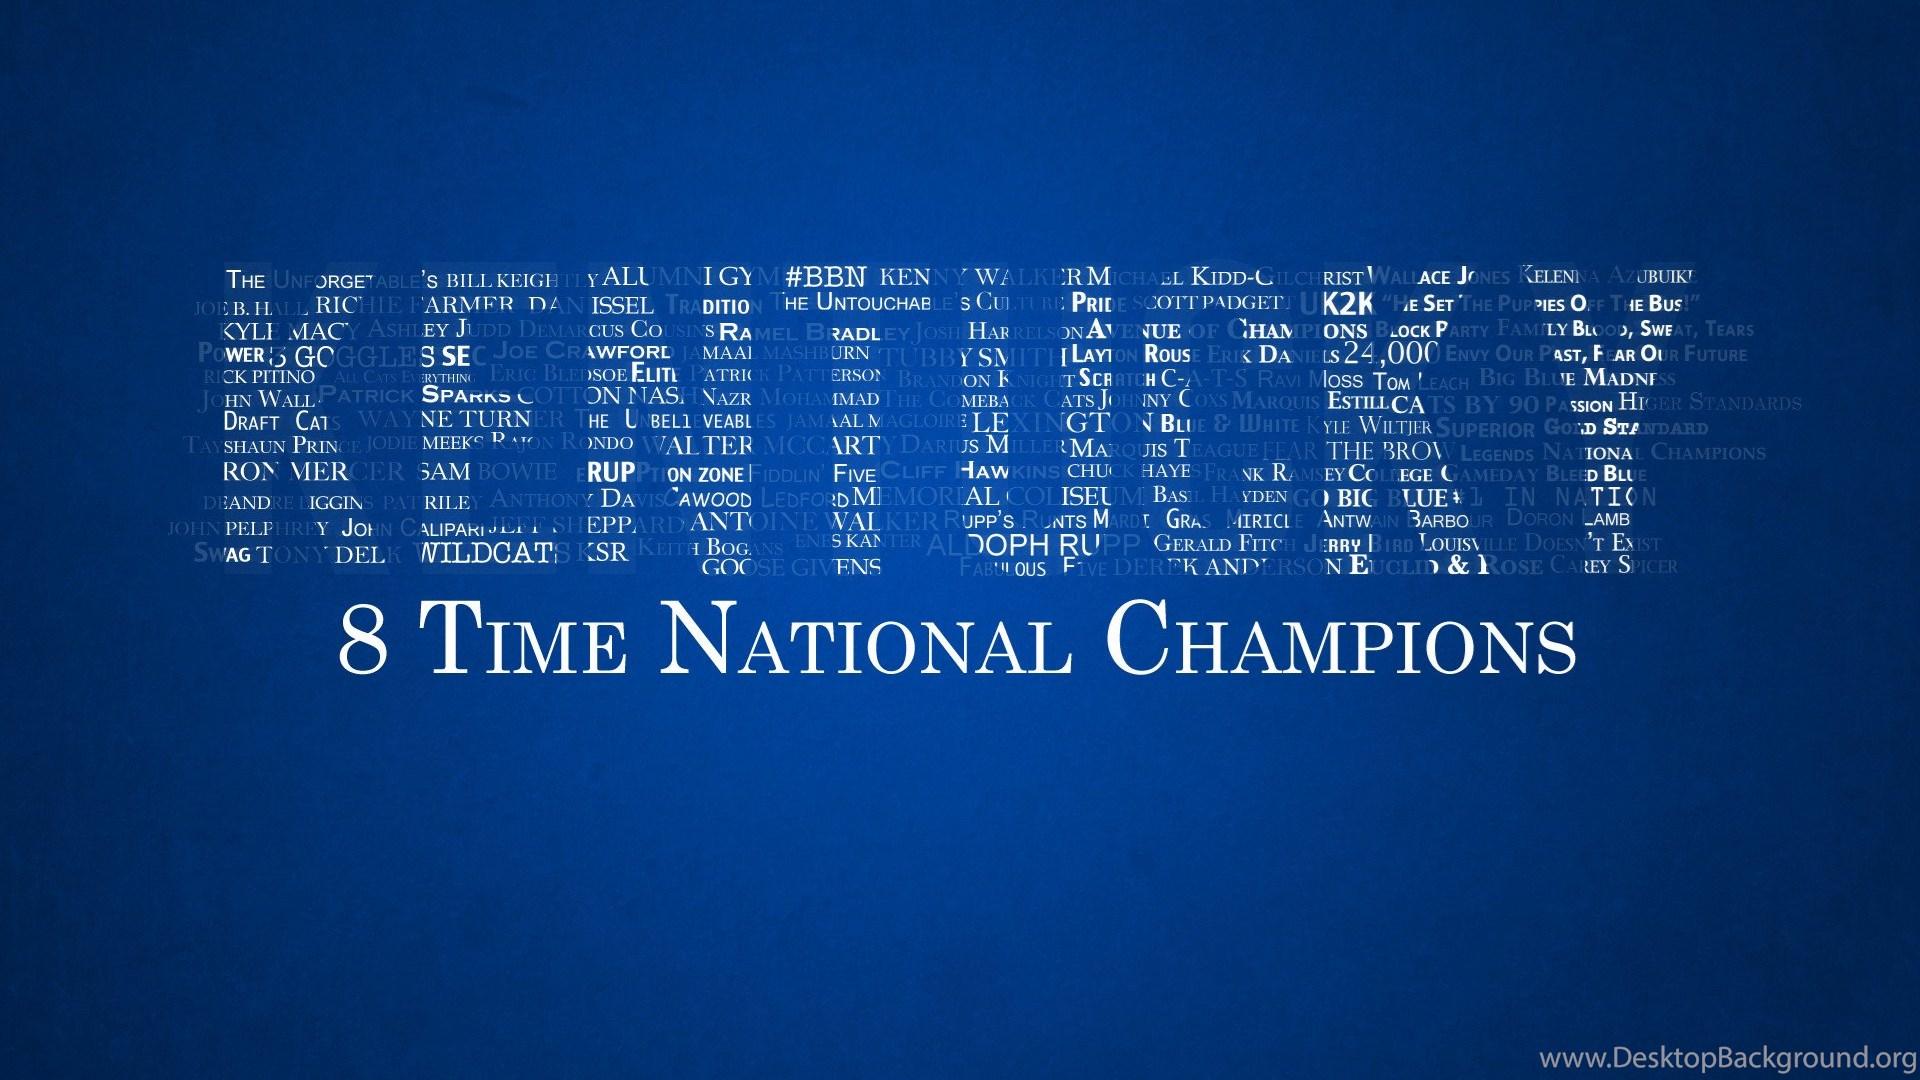 Kentucky Wildcats Basketball Wallpapers Danasrhp Top Desktop